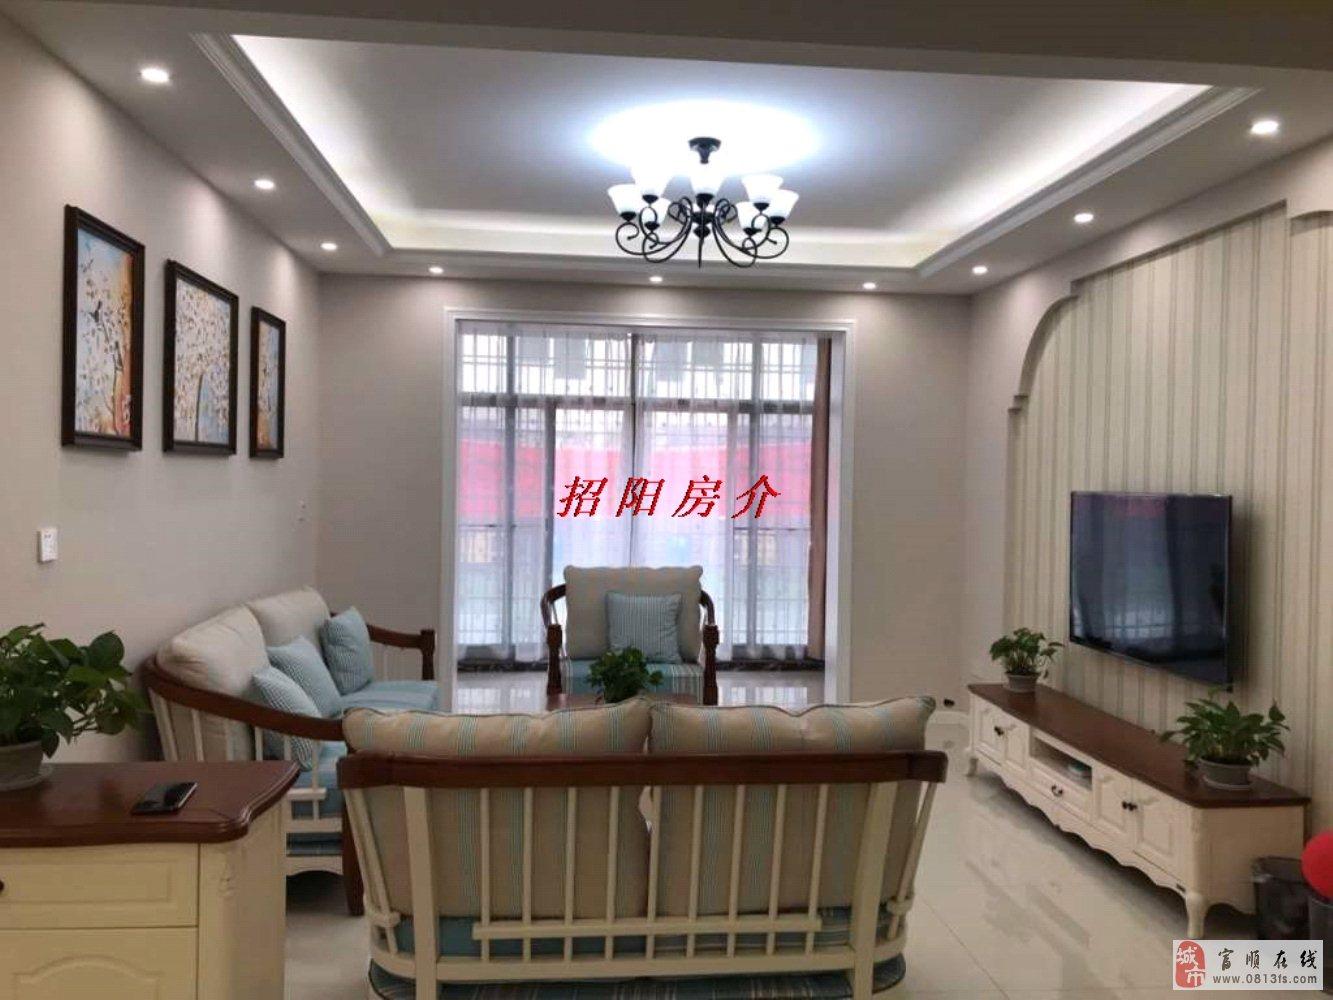 光灯村3室2厅2卫53.8万元